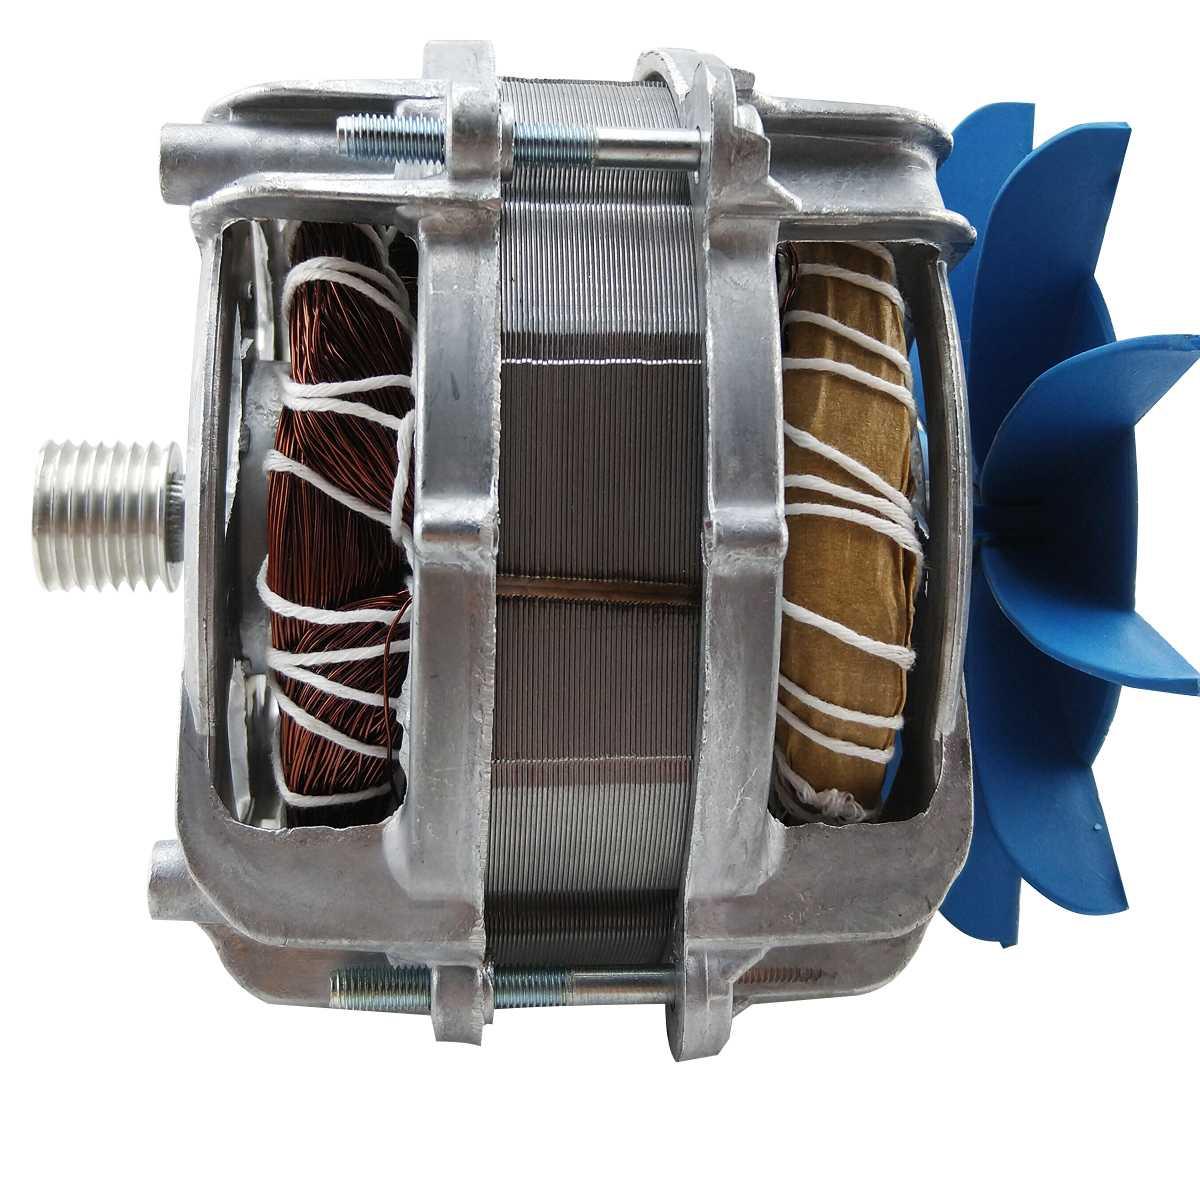 Motor tanquinho polia estrriada Arno, New Maq, Colormaq 220v